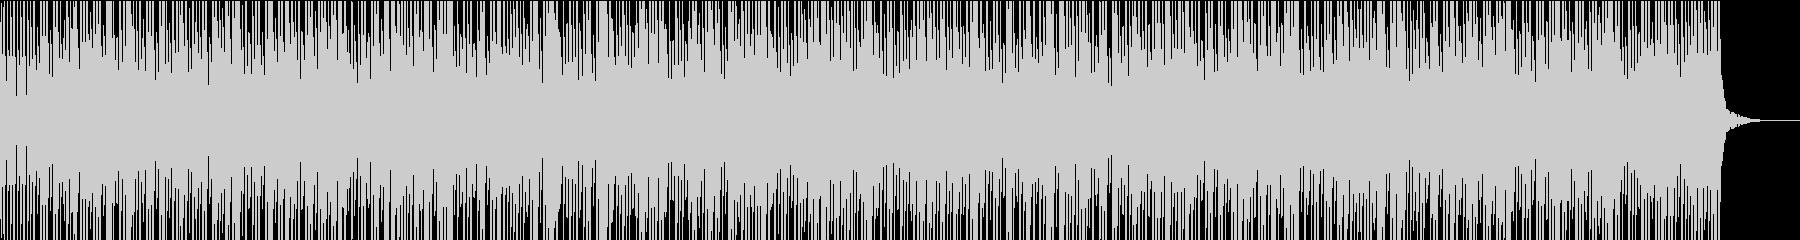 サイファービート38小節×8回の未再生の波形